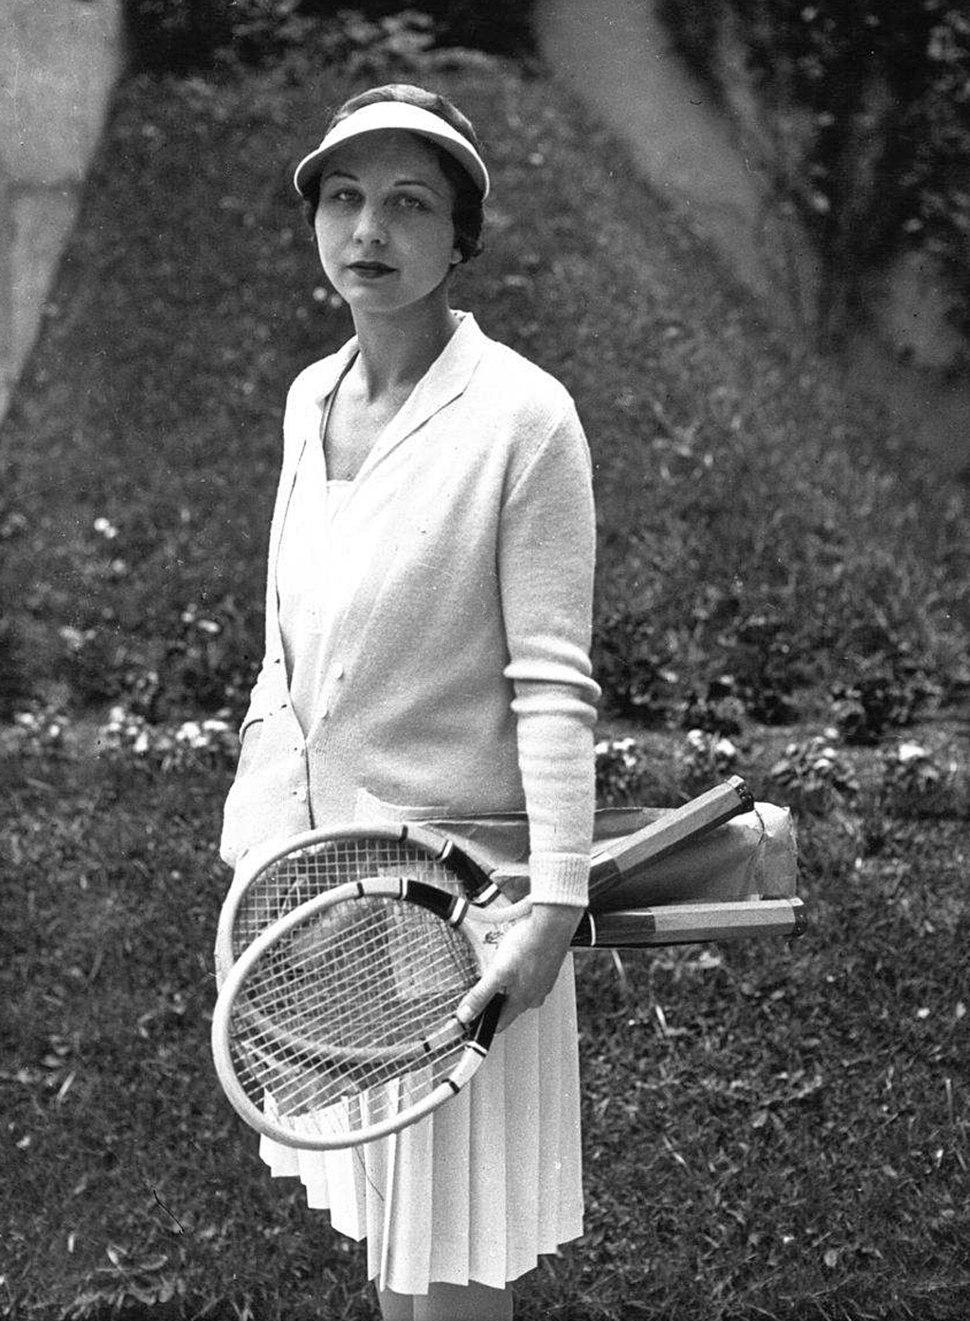 Helen Wills Moody 1932